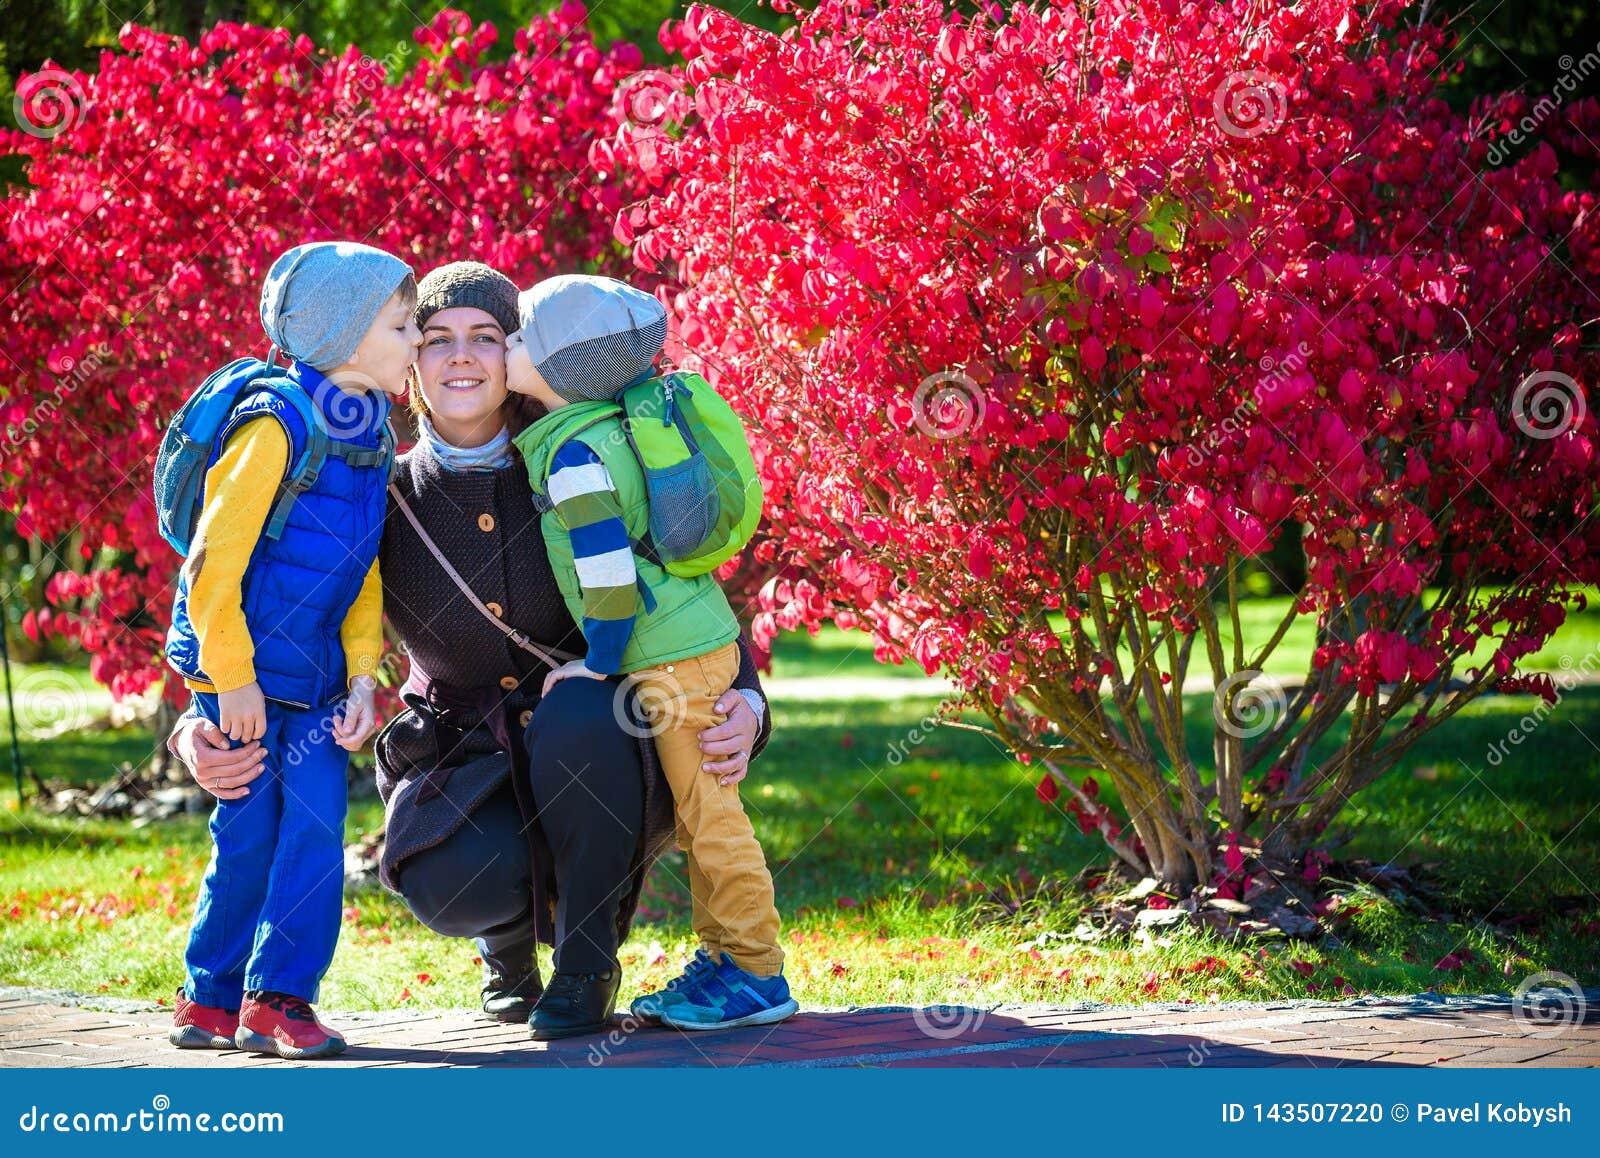 拥抱两个小孩,幸福家庭,有两室外的儿子的逗人喜爱的深色的女性特写镜头画象的年轻母亲的图片